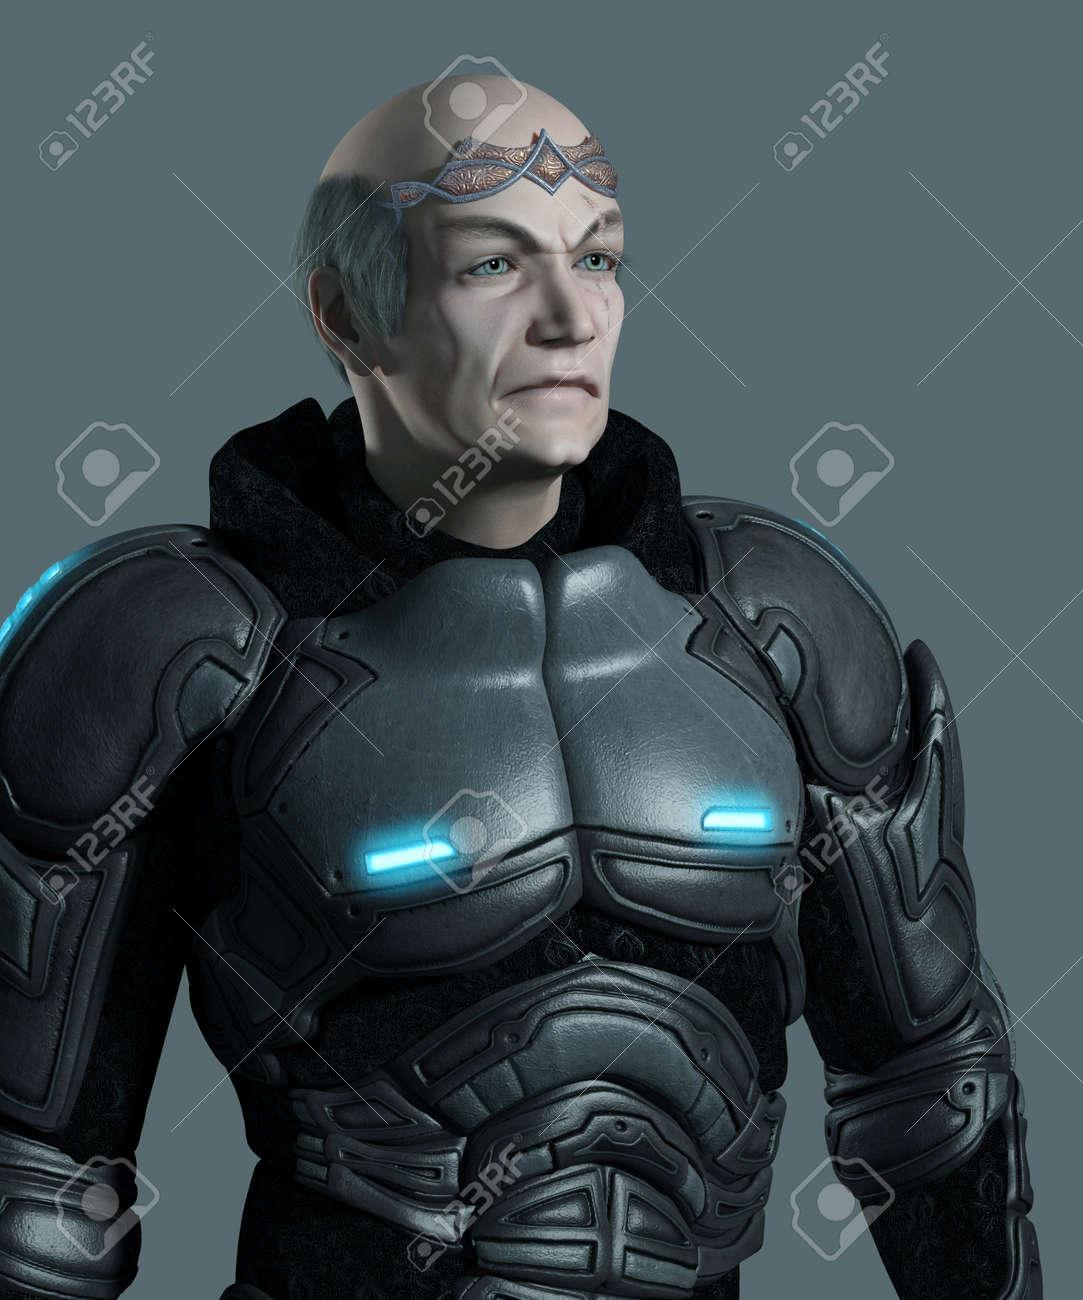 Votación cargos del Estado Mayor 14378699-Retrato-de-un-anciano-comandante-marine-espacial-futurista-con-armadura-y-diadema-3d-rindi-la-ilustr-Foto-de-archivo